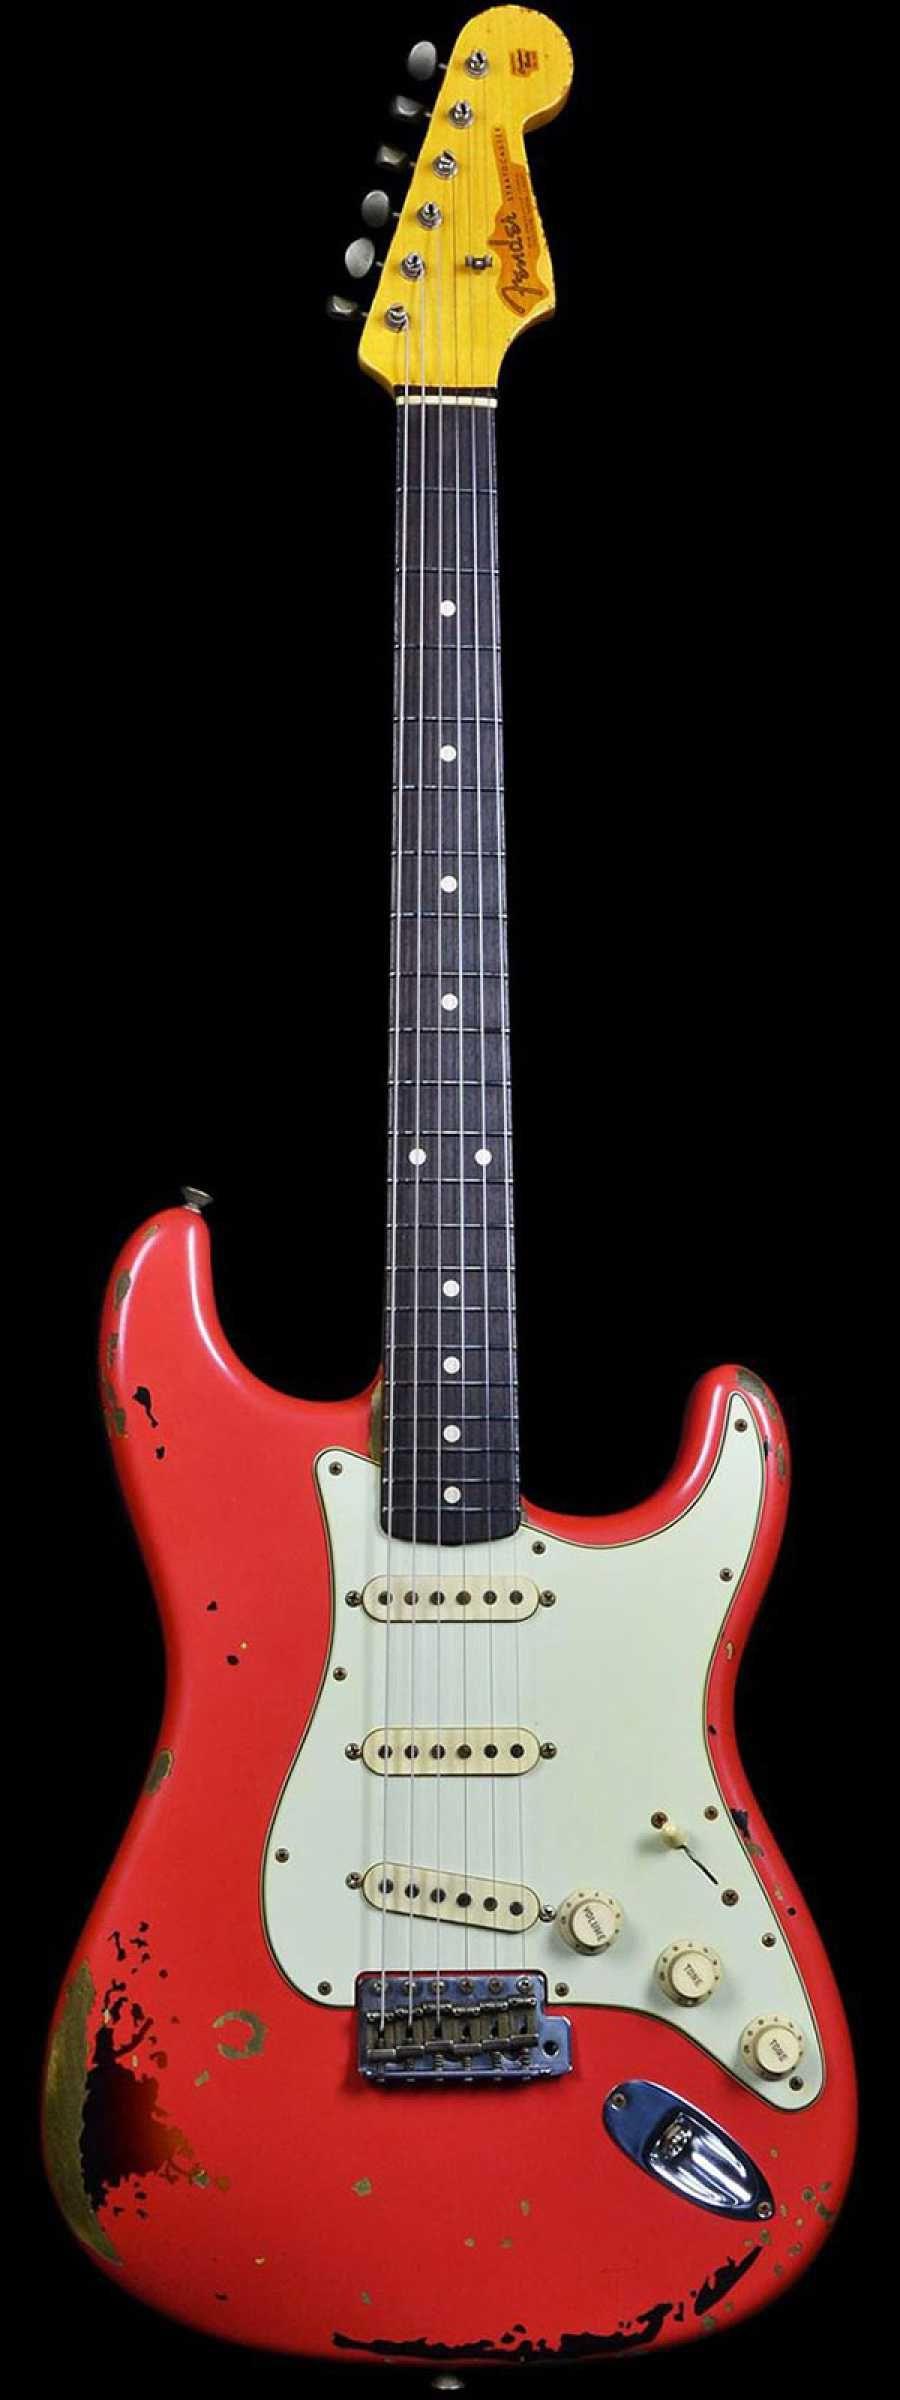 Fender Michael Landau Signature 1963 Relic Stratocaster Fiesta Red Over 3 Color Sunburst Wild